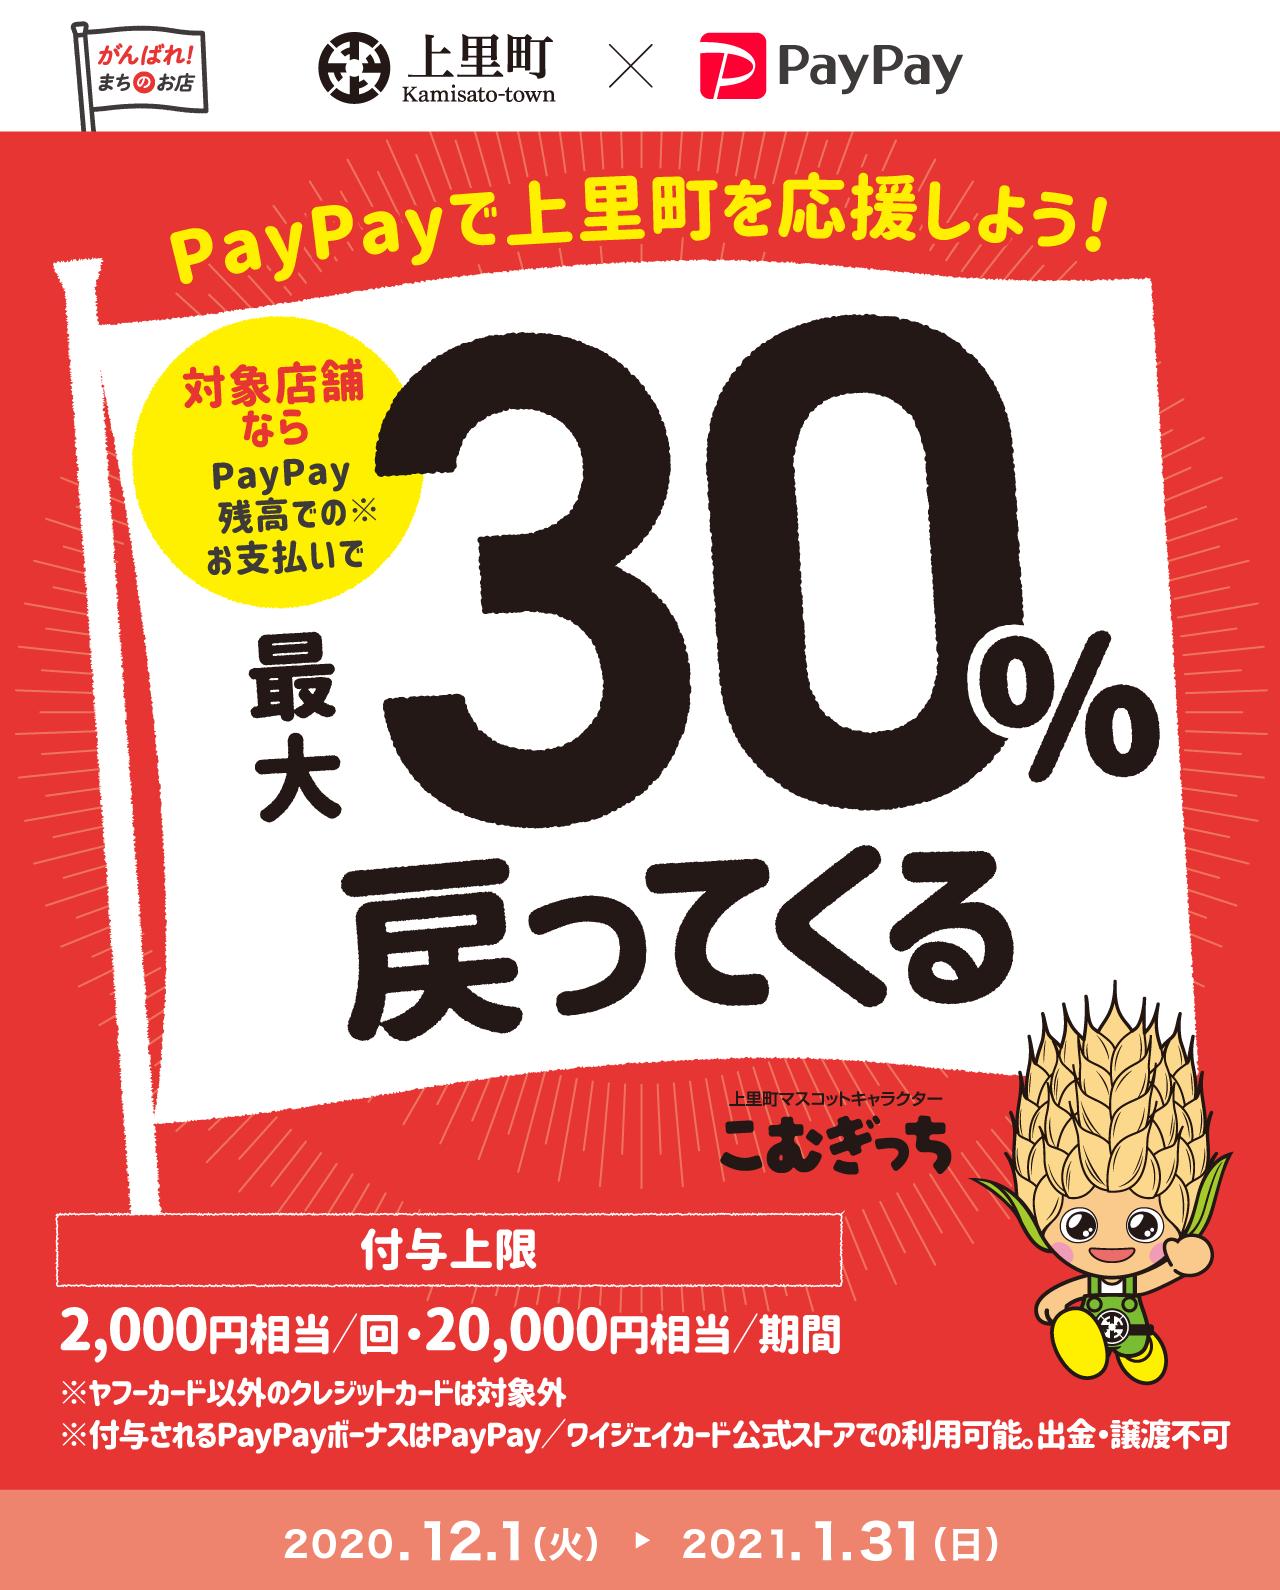 PayPayで上里町を応援しよう! 対象店舗ならPayPay残高でのお支払いで 最大30%戻ってくる